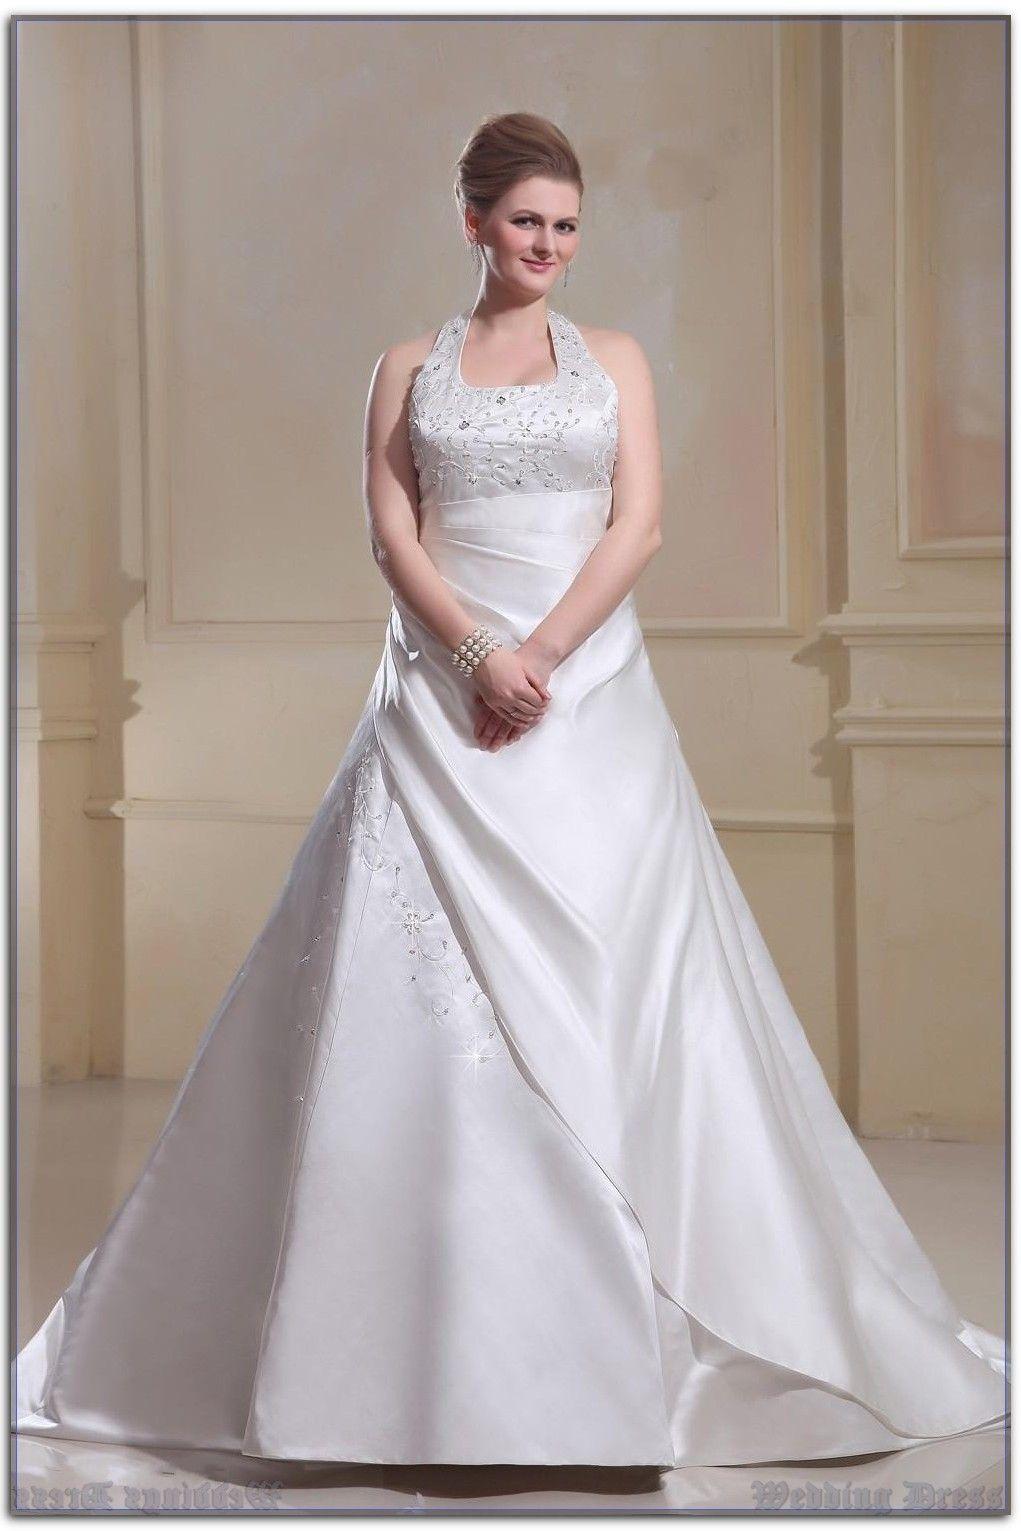 5 Besty Ways To Improve Your Weddings Dress